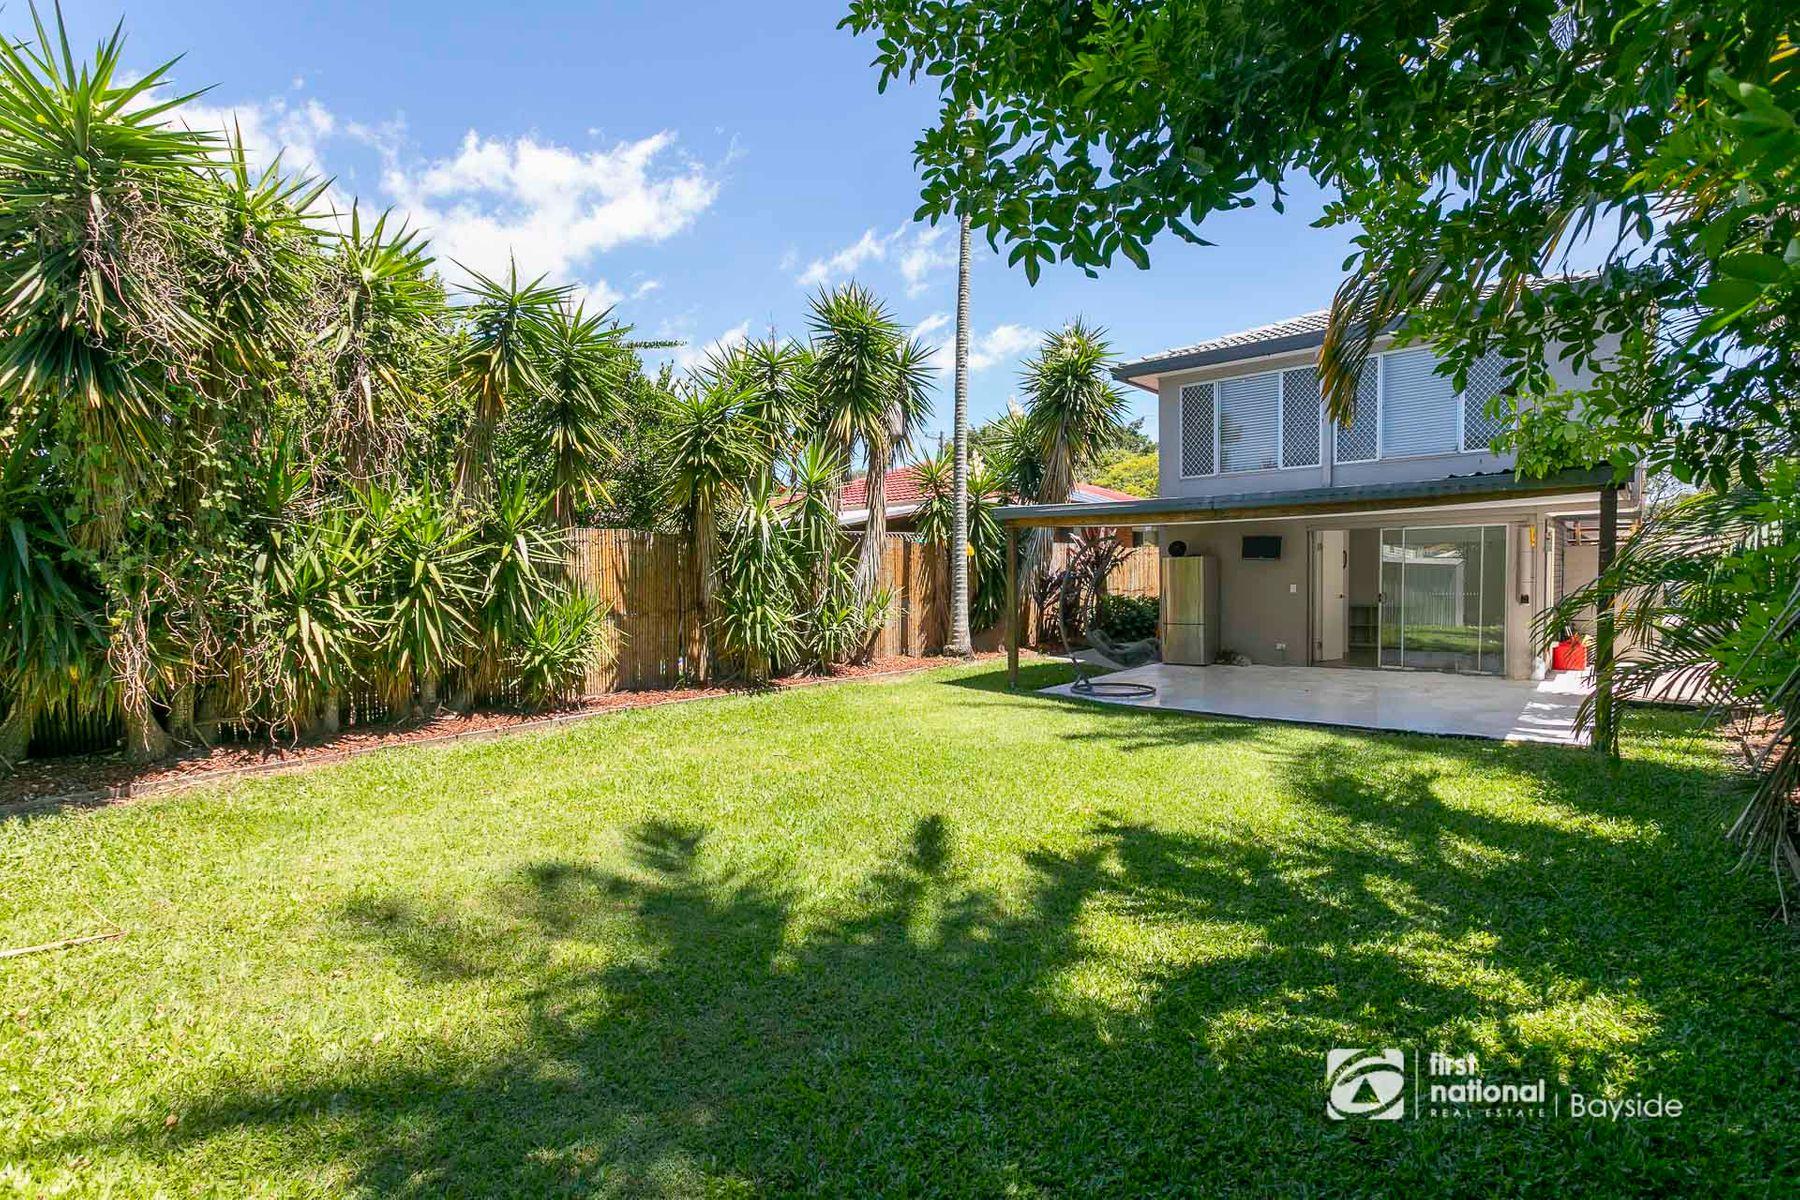 45 Shanahan, Redland Bay, QLD 4165